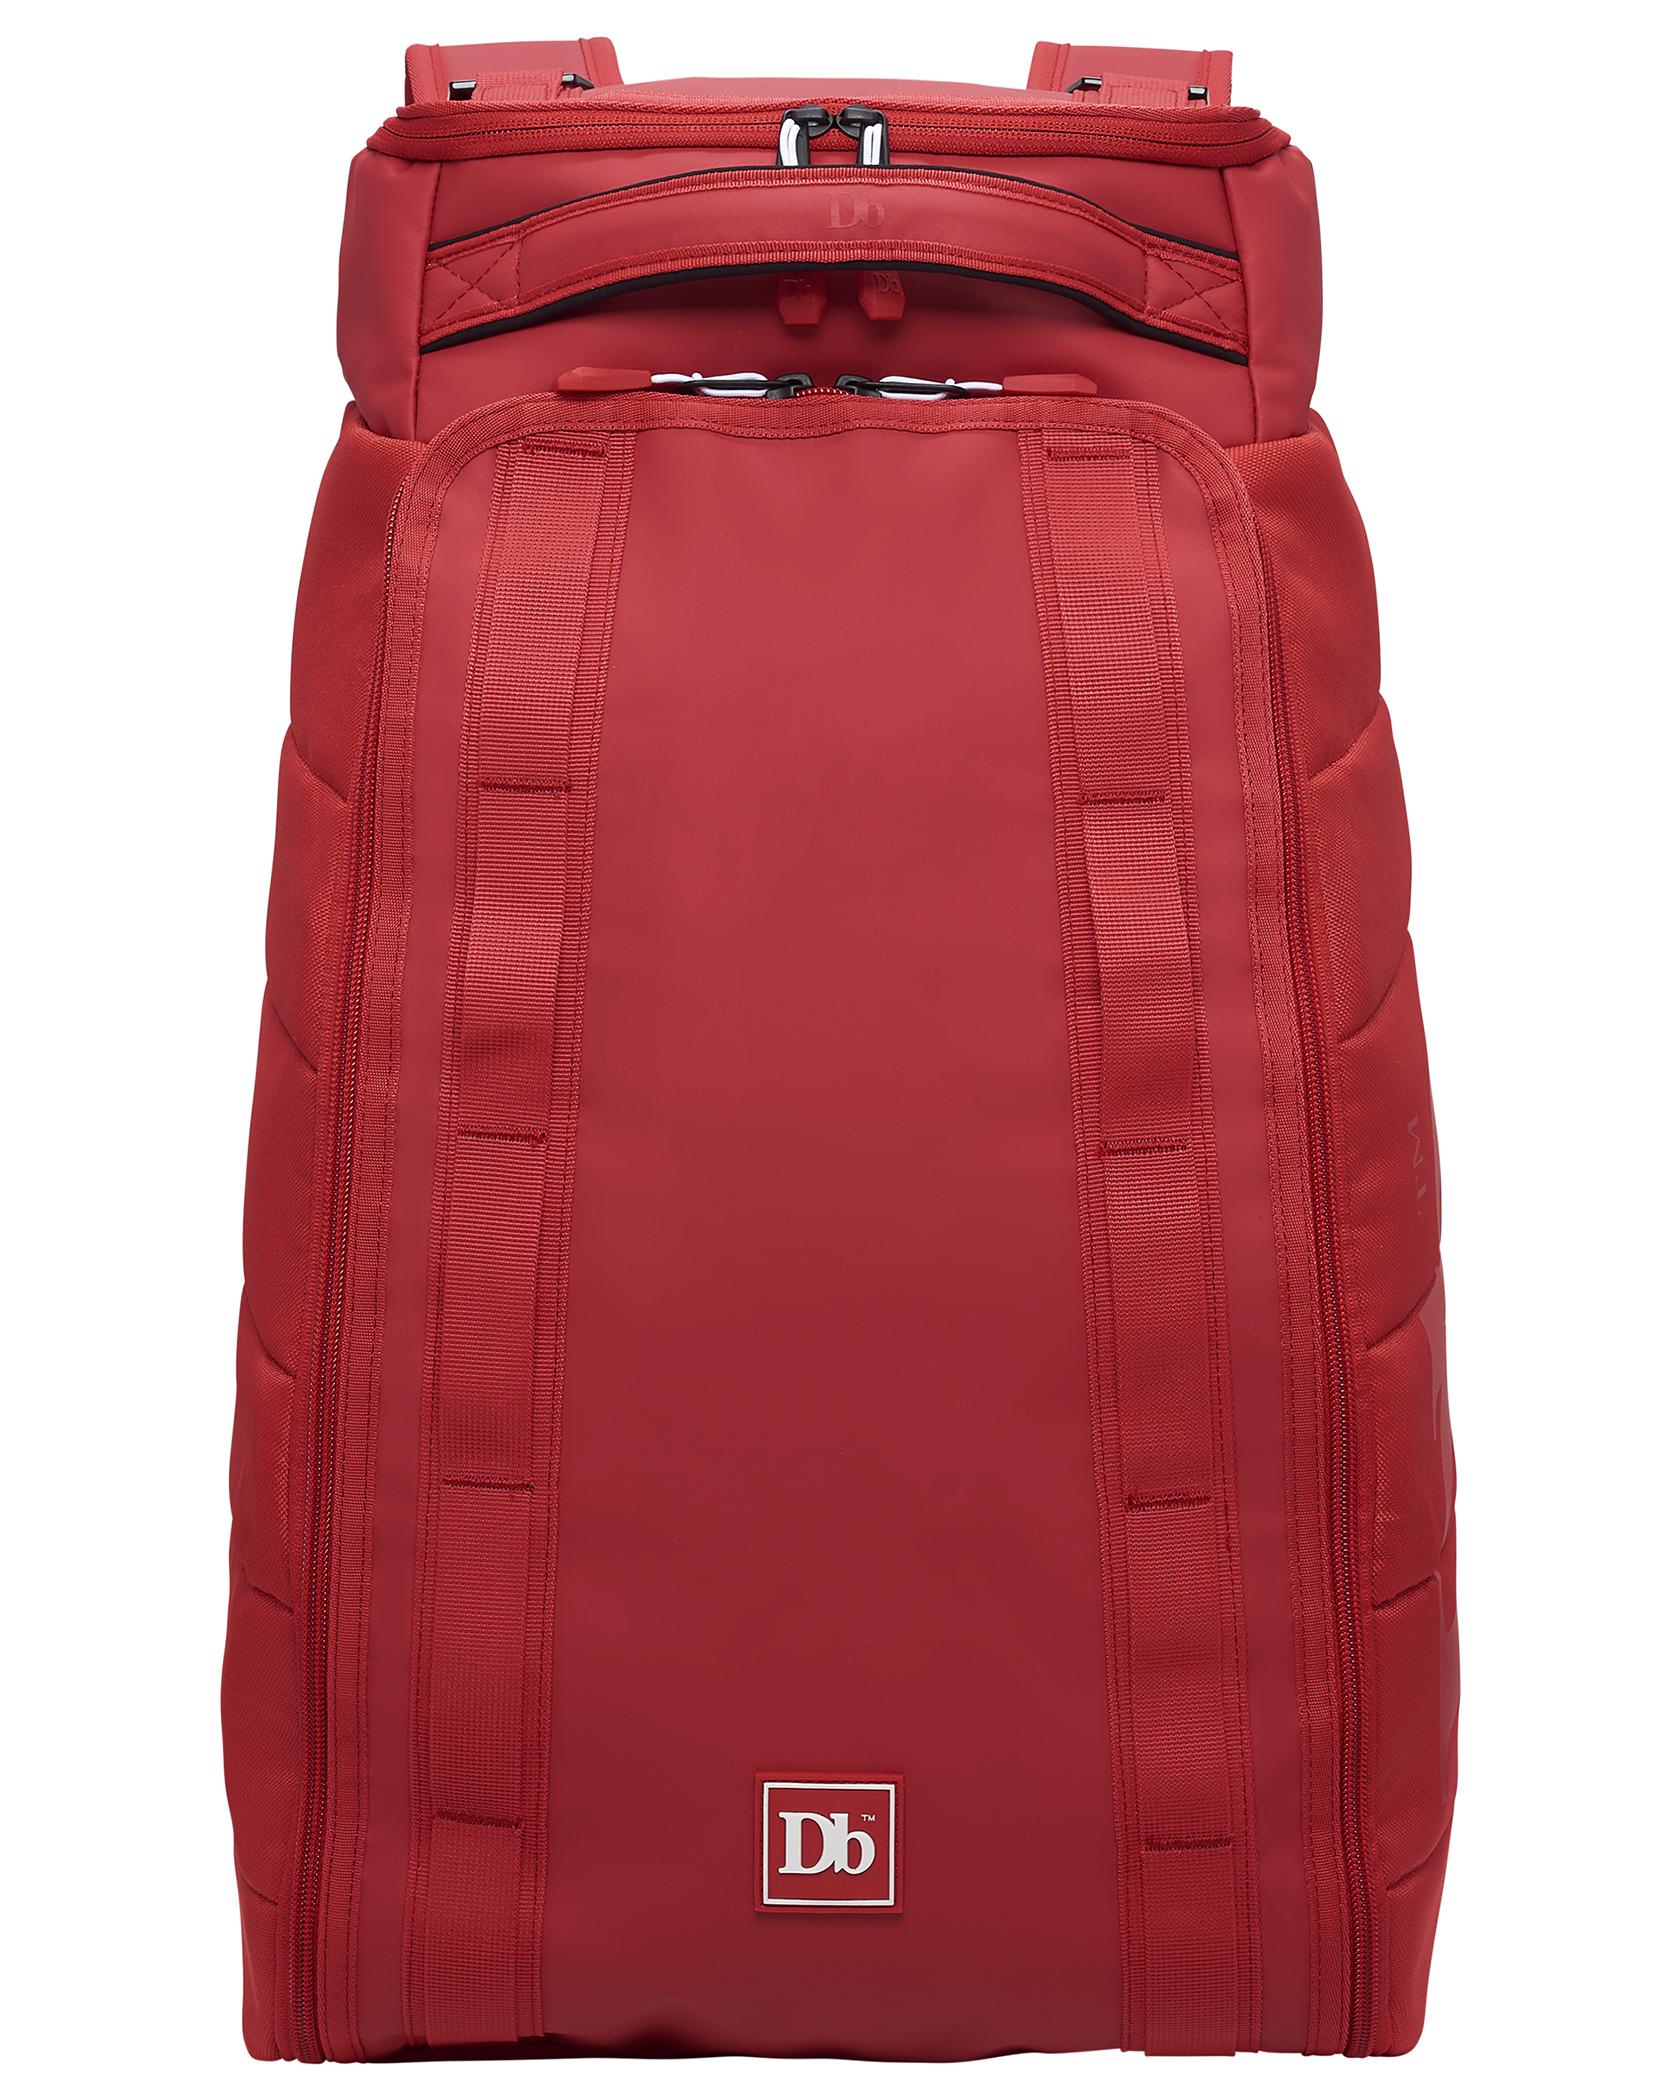 The Hugger 30L Scarlet Red